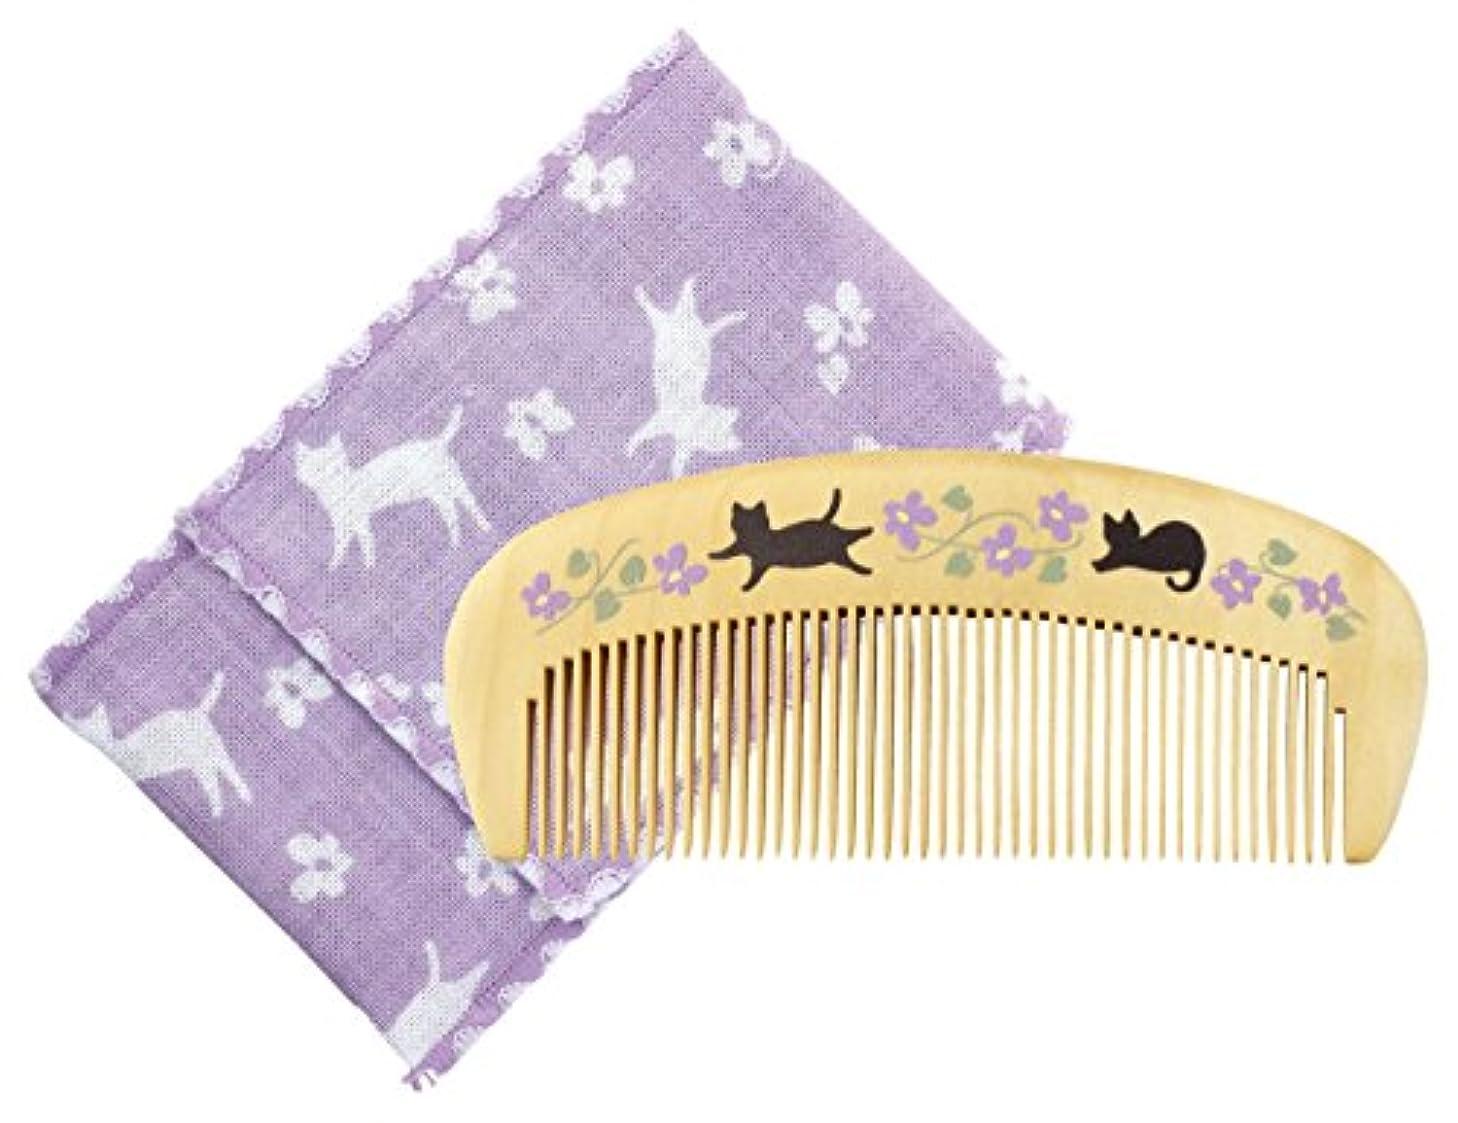 マウスピース匿名電気のくろちく 椿堂潤いつげ櫛ケース付 花猫